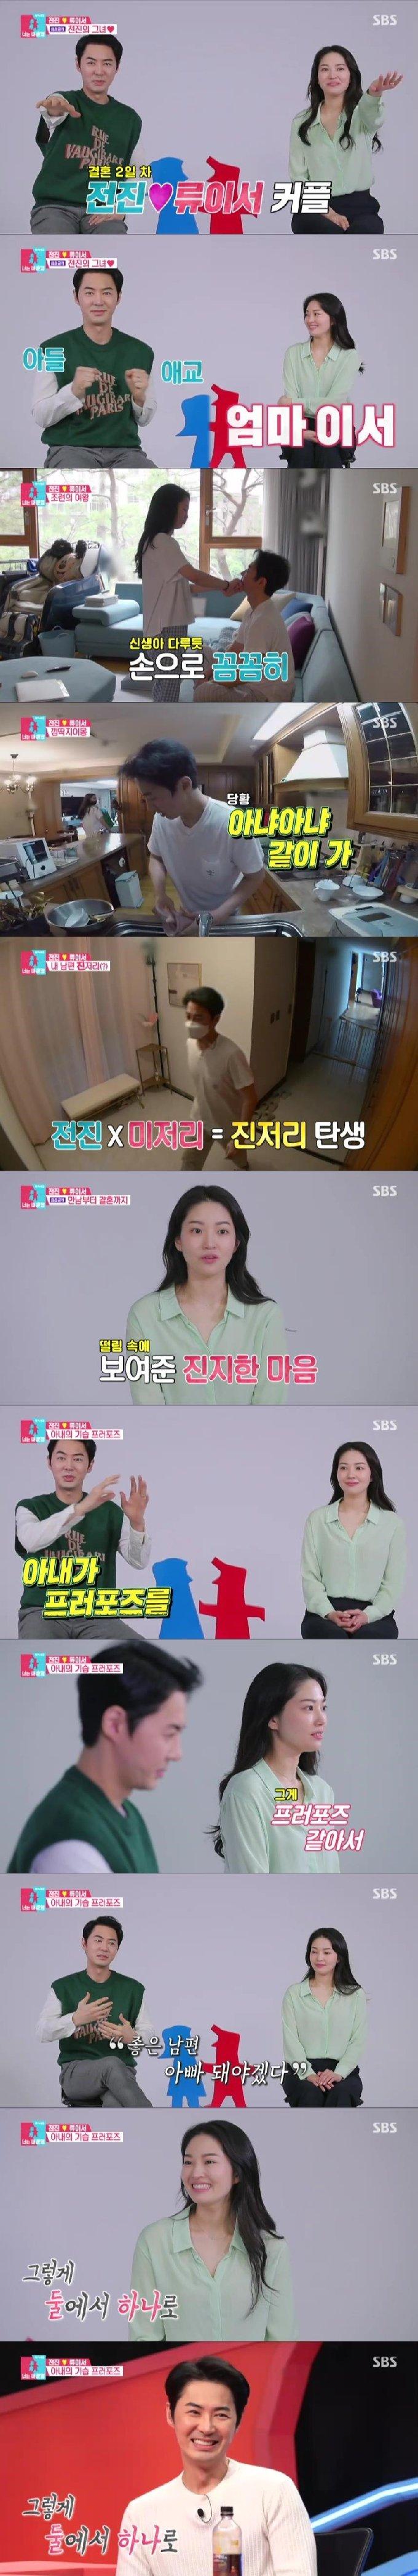 SBS '동상이몽2-너는 내 운명' 방송 화면 캡처 © 뉴스1